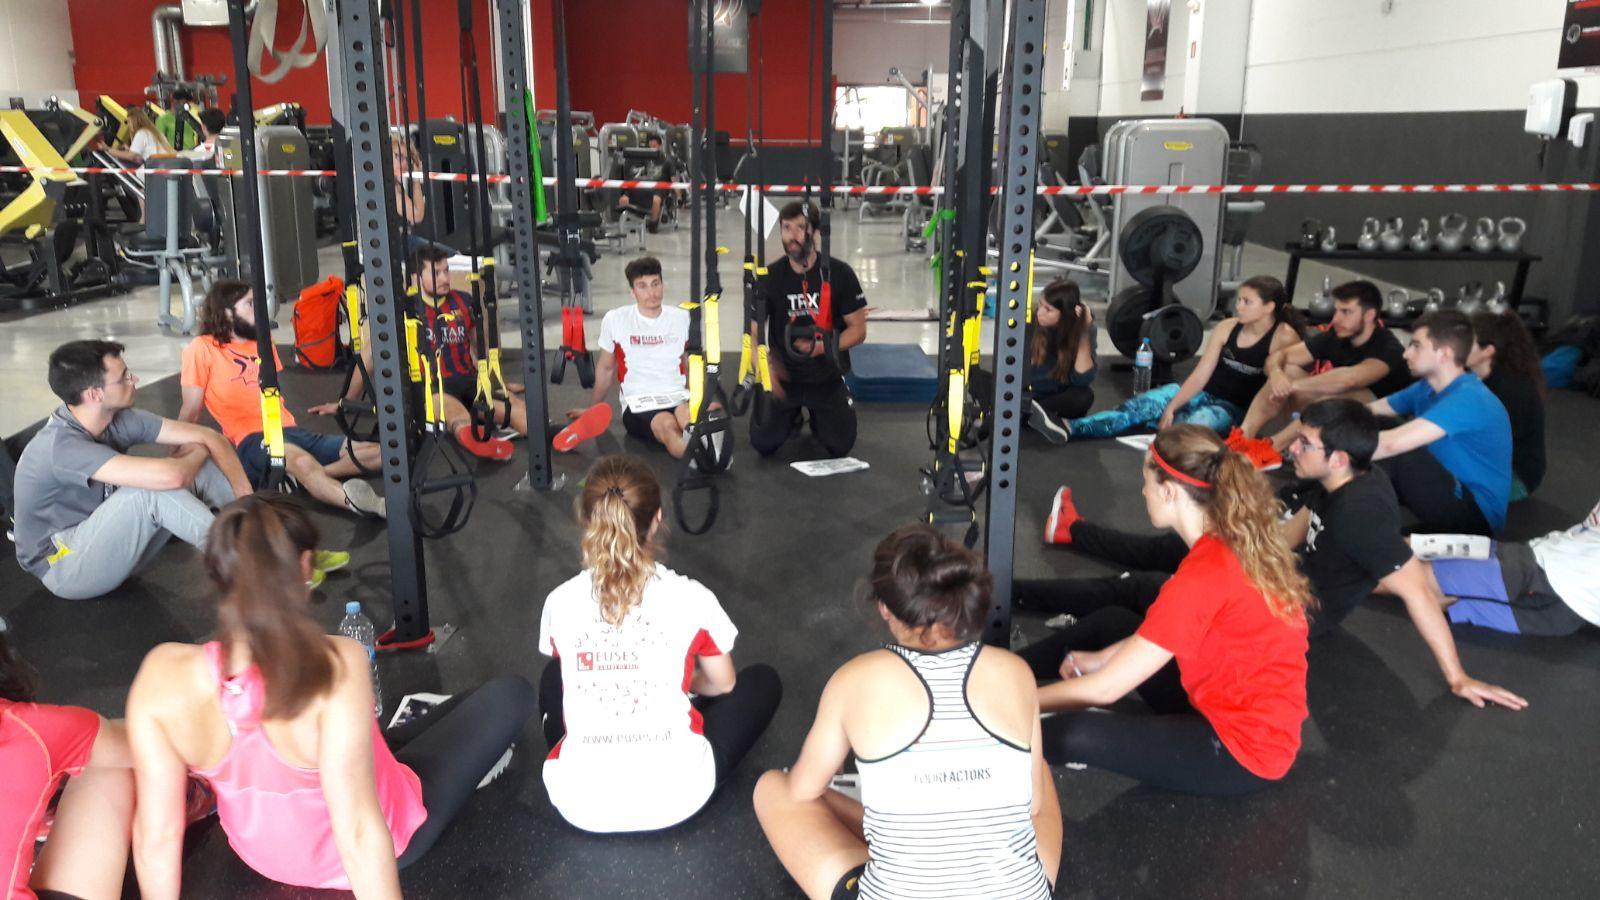 Els alumnes de 3r del Grau en Ciències de l'activitat Física i de l'Esport participen en una masterclass de TRX a través de l'assignatura de Noves Tendències – Esports d'Equip II